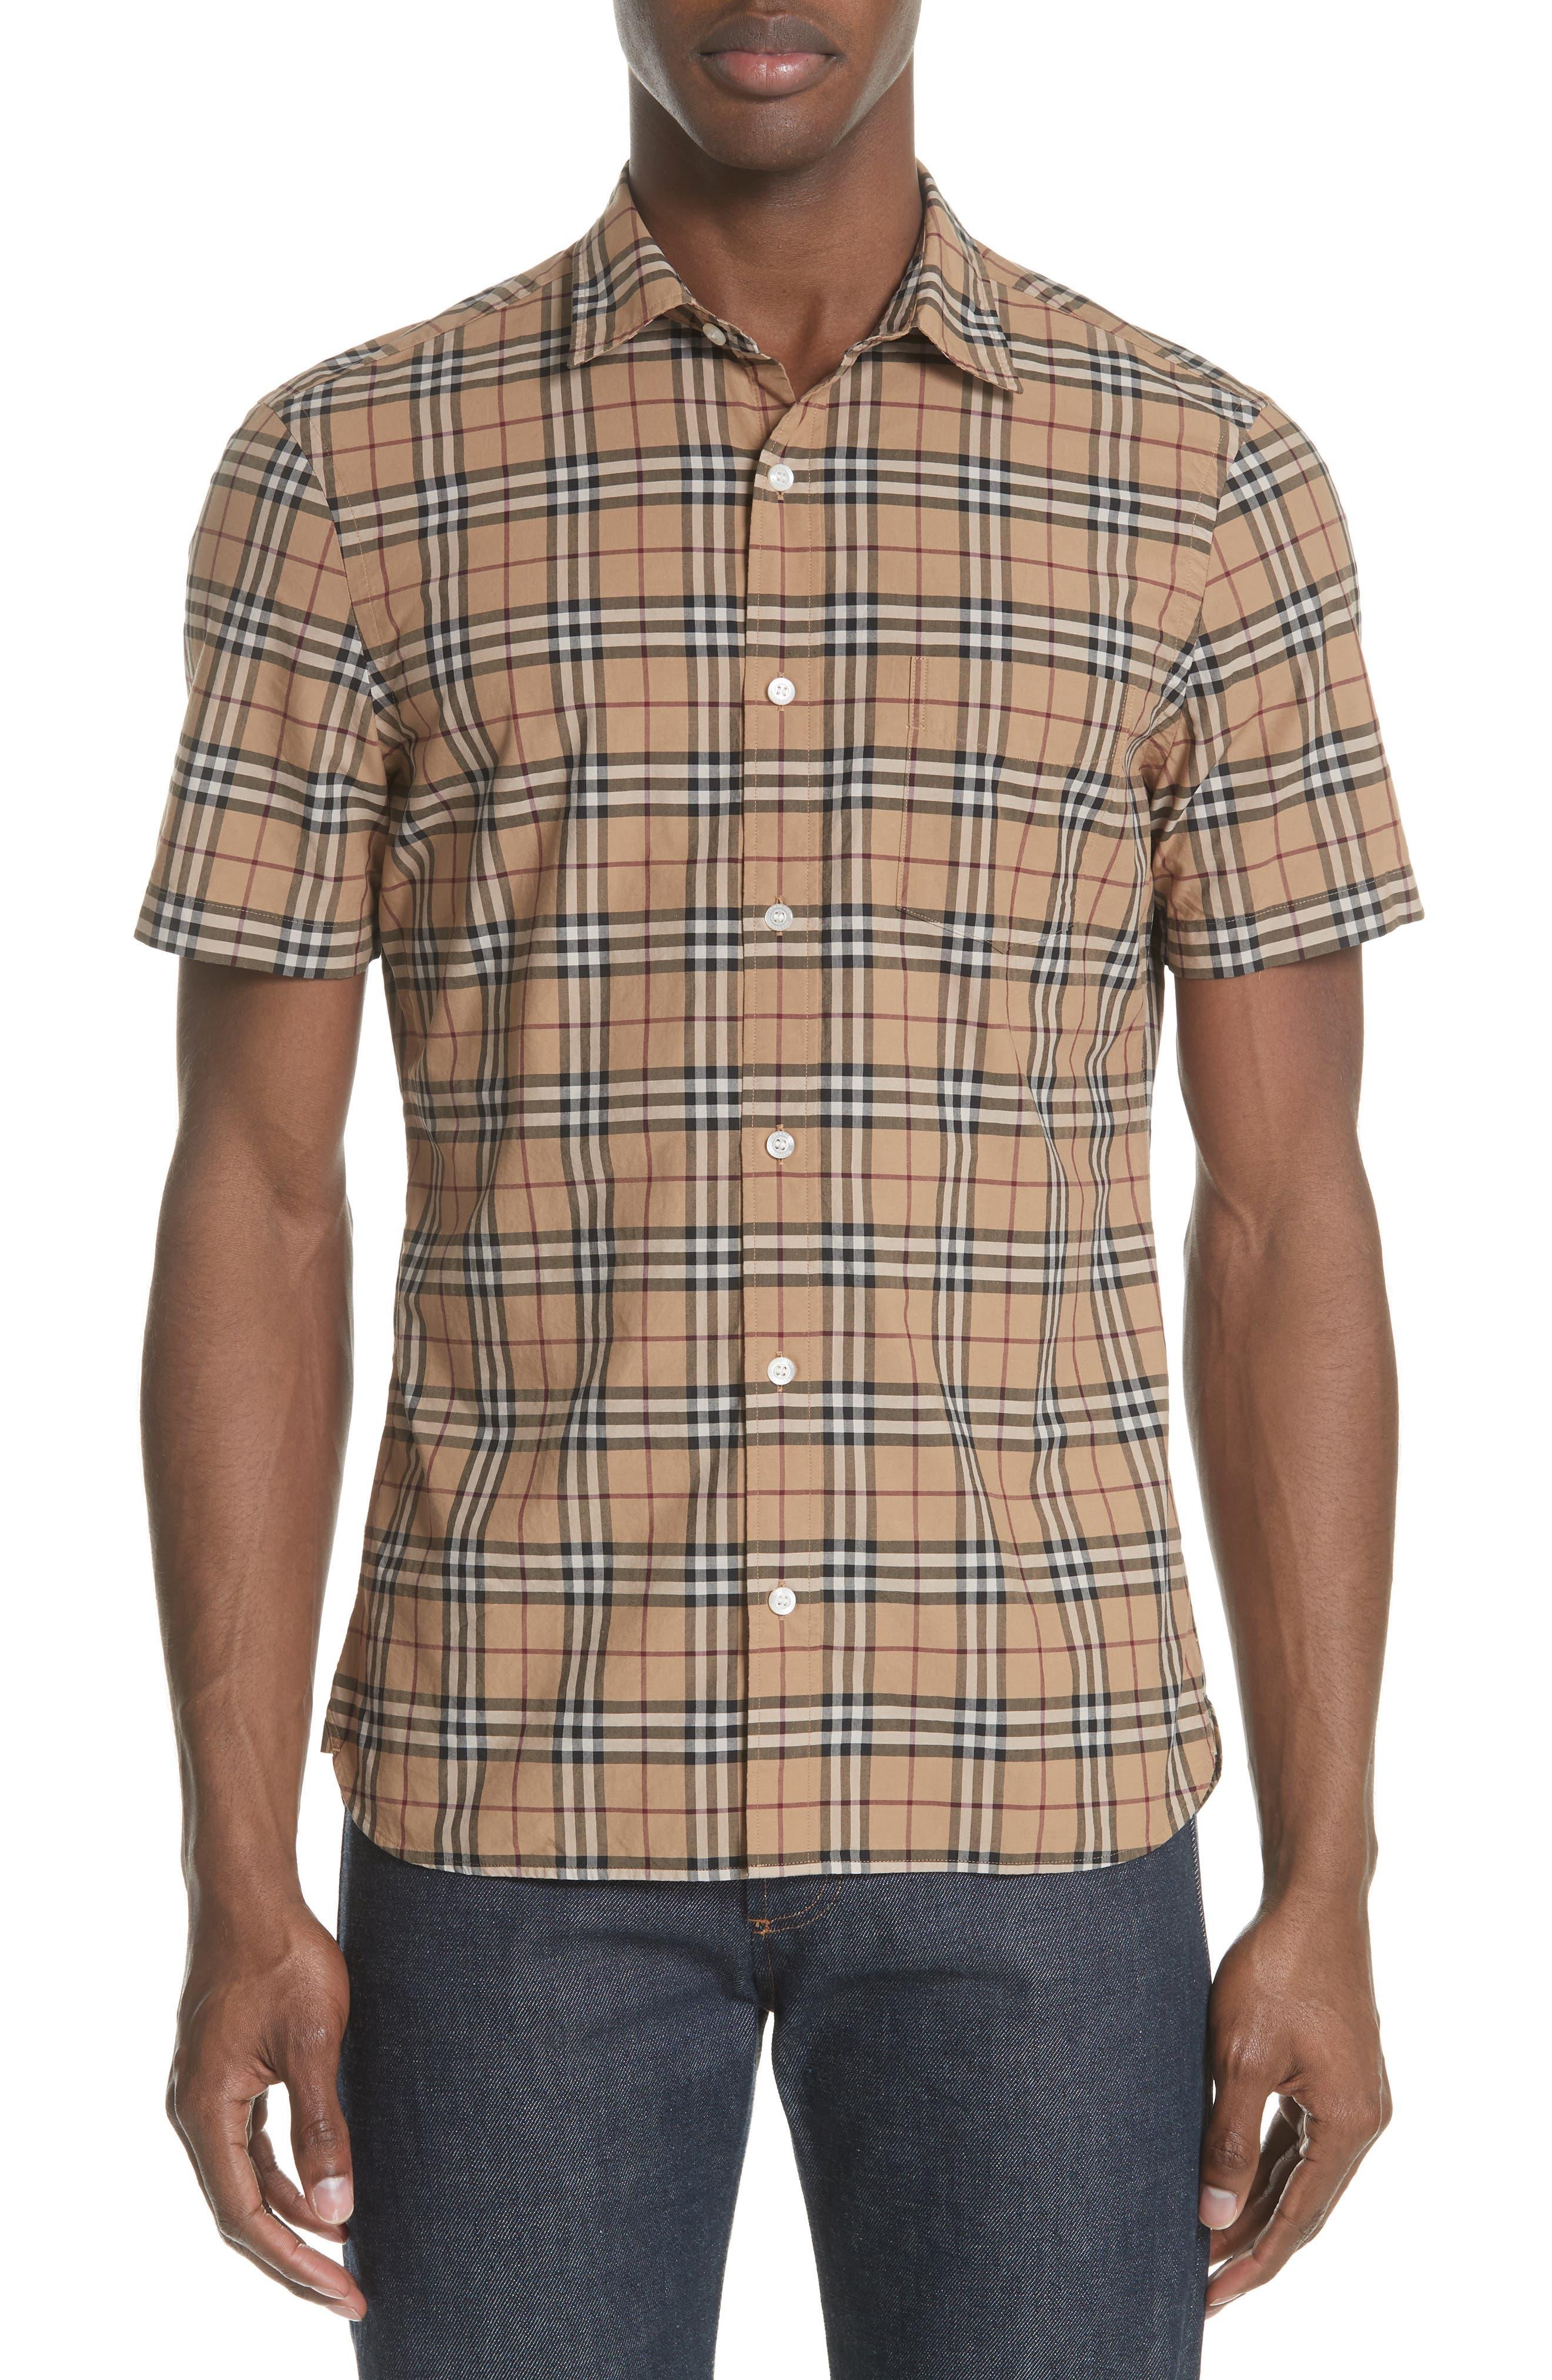 Alexander Check Sport Shirt,                         Main,                         color, CAMEL